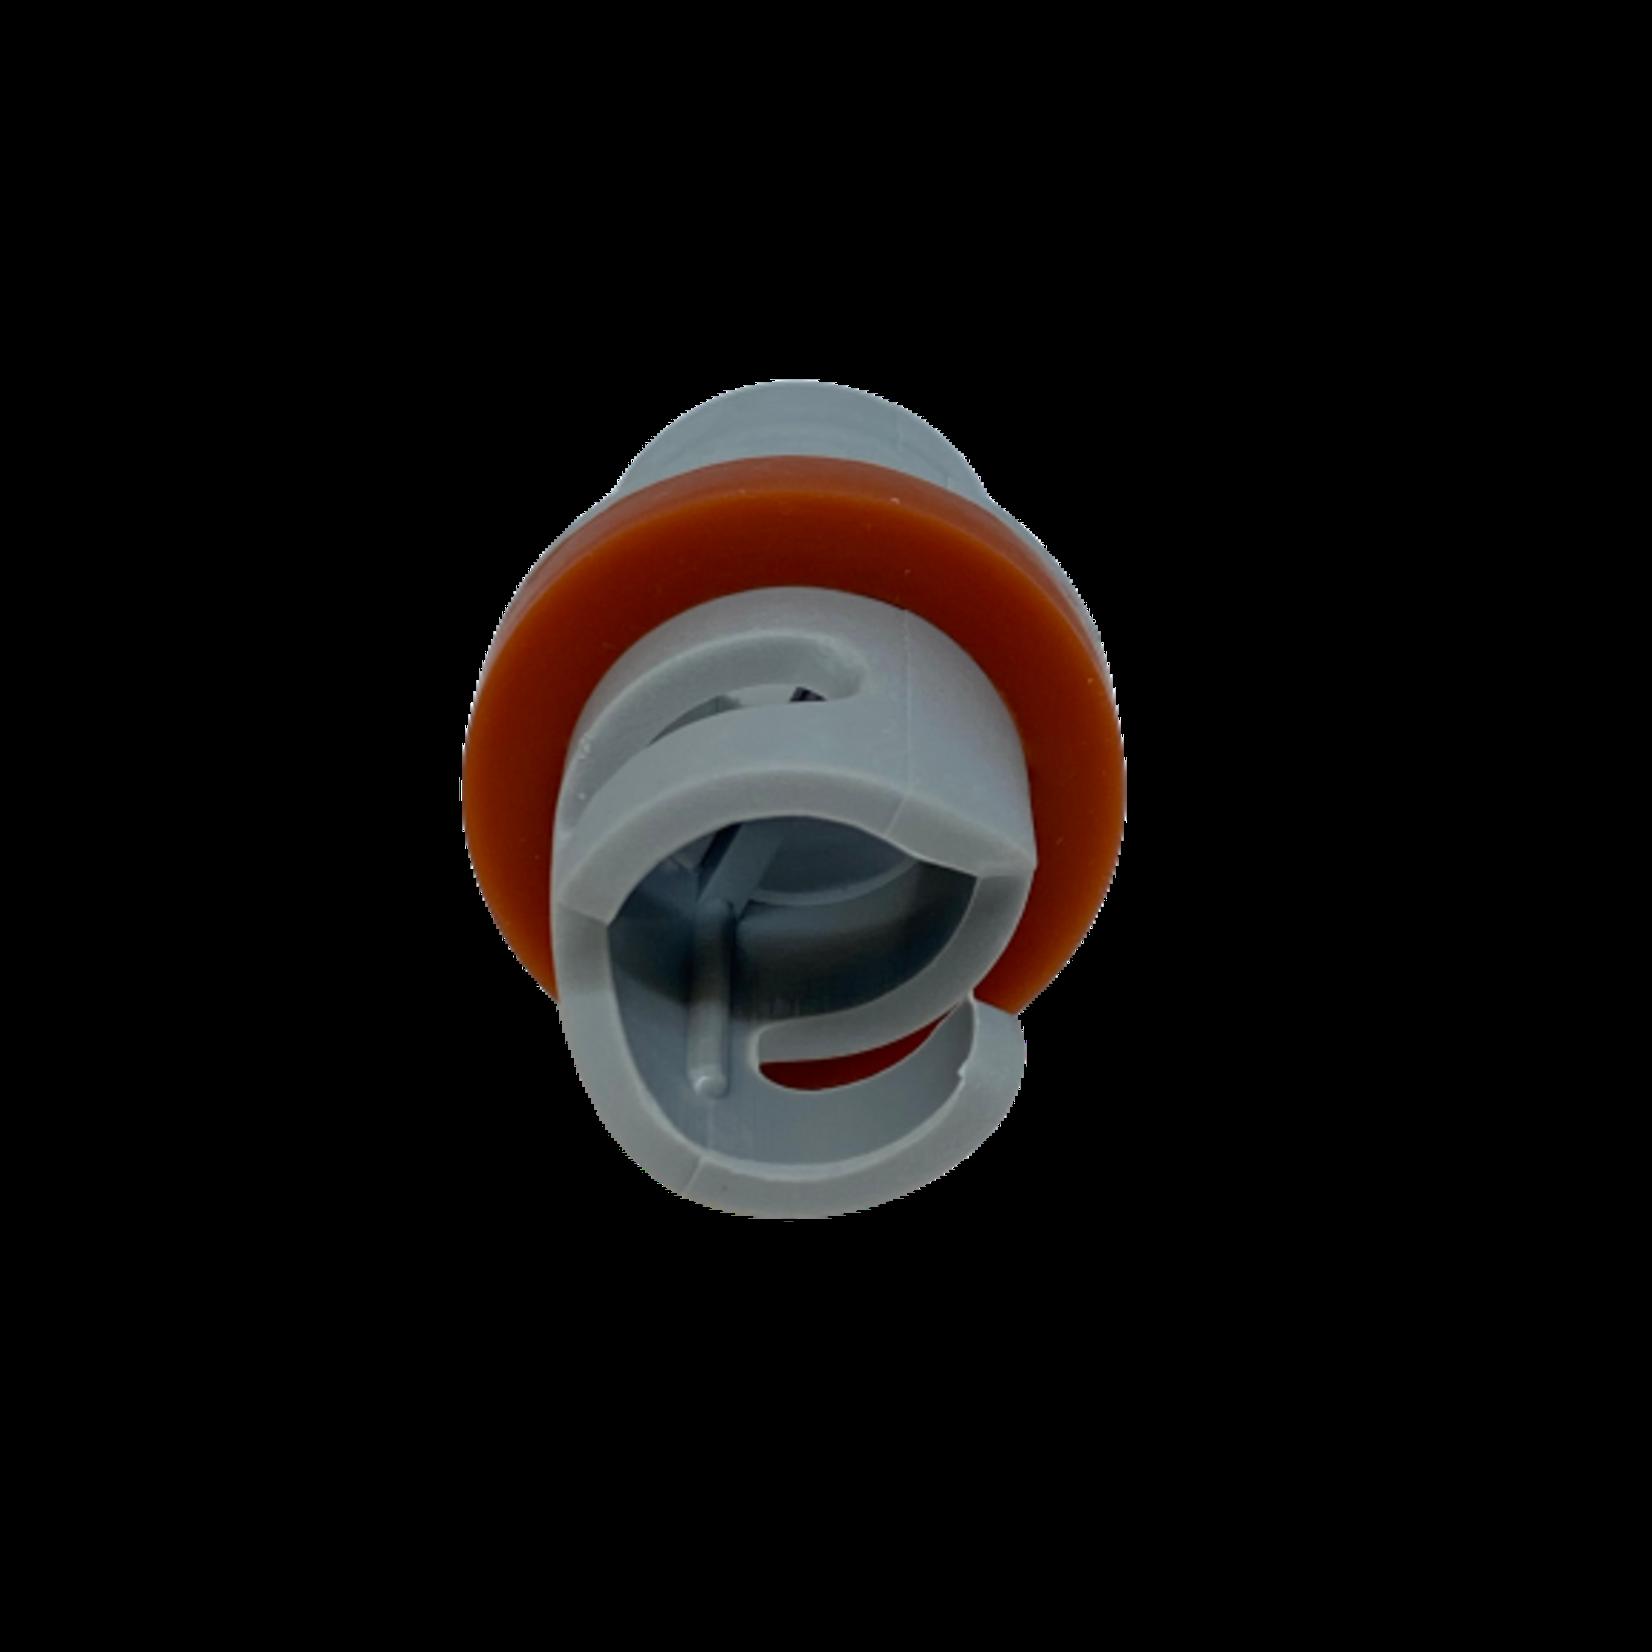 Divers Verloopstuk voor de pompslang - Bravo 2005 ventiel